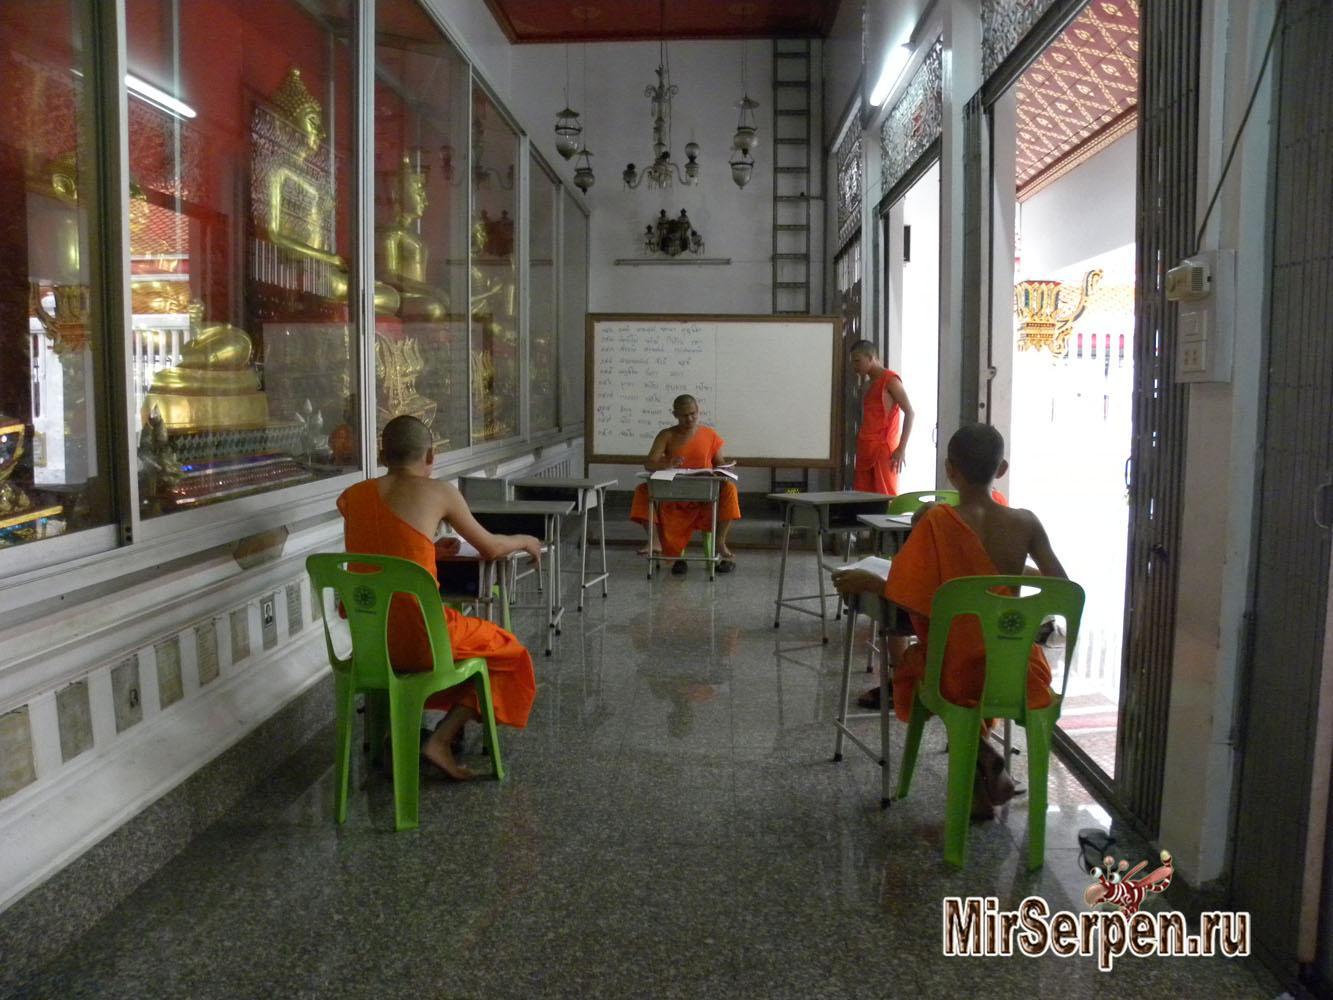 Фото дня: Буддийская школа в Бангкоке